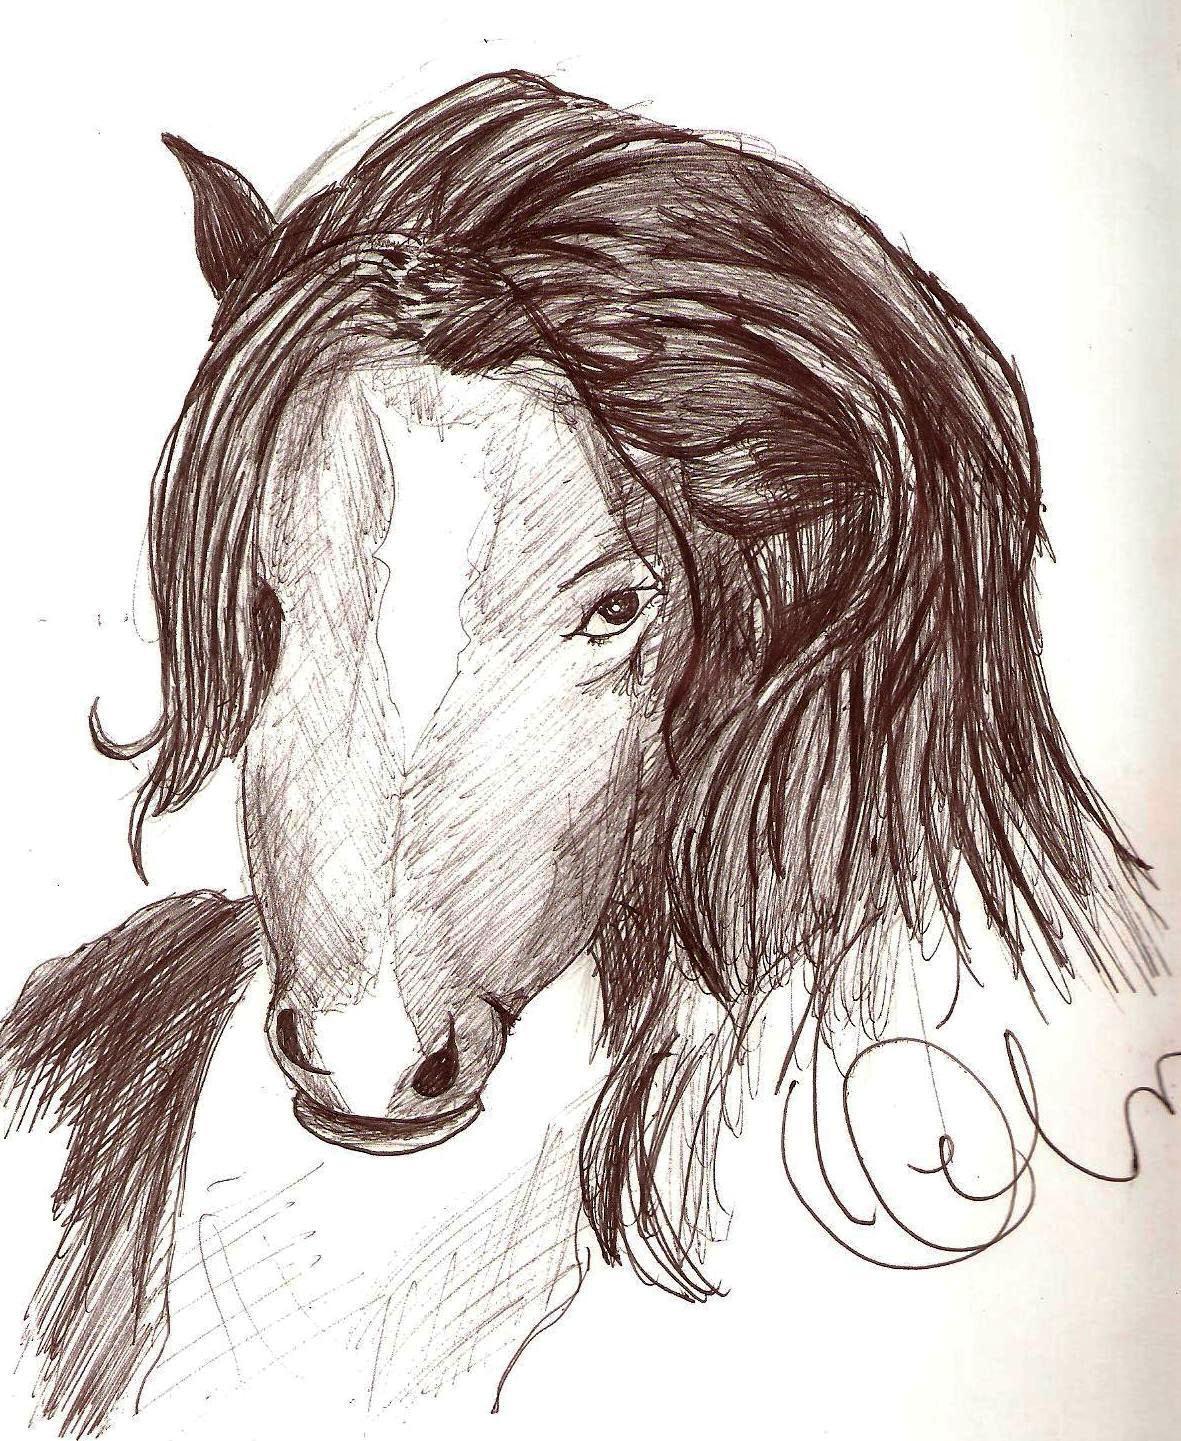 Ilustraciones Y Dibujos Pin Up Decoraci Ef Bf Bdn